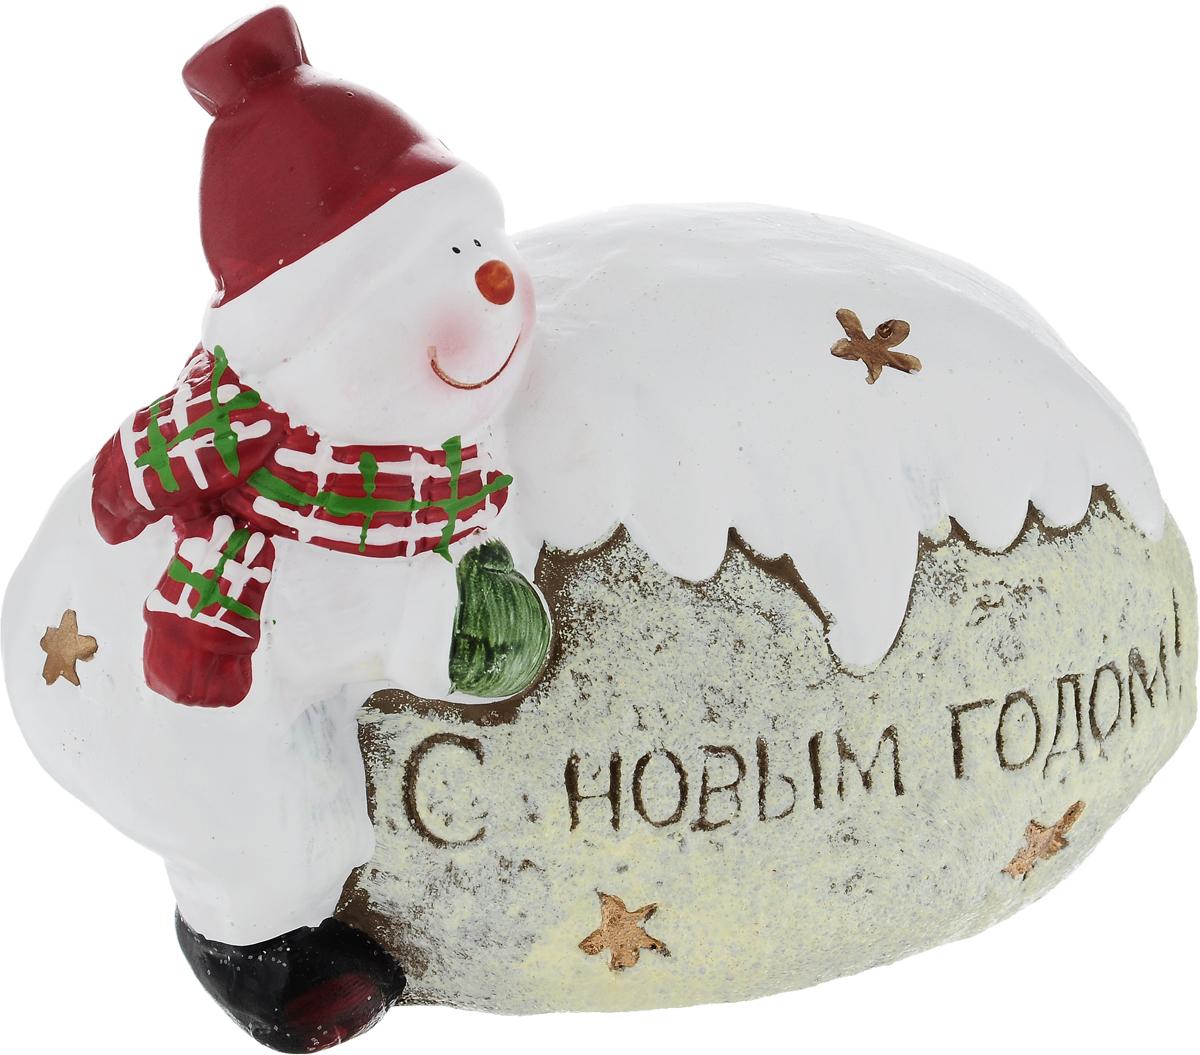 Фигурка деоративная House & Holder Снеговик с сугробом, 14 х 8 х 11,5 см140-88822ABCФигурка декоративная House & Holder Снеговик с сугробом, выполненная из керамики, станет оригинальным подарком для всех любителей необычных вещей. Изделие оформлено блестками. Изысканный сувенир станет прекрасным дополнением к интерьеру. Вы можете поставить фигурку в любом месте, где она будет удачно смотреться и радовать глаз.